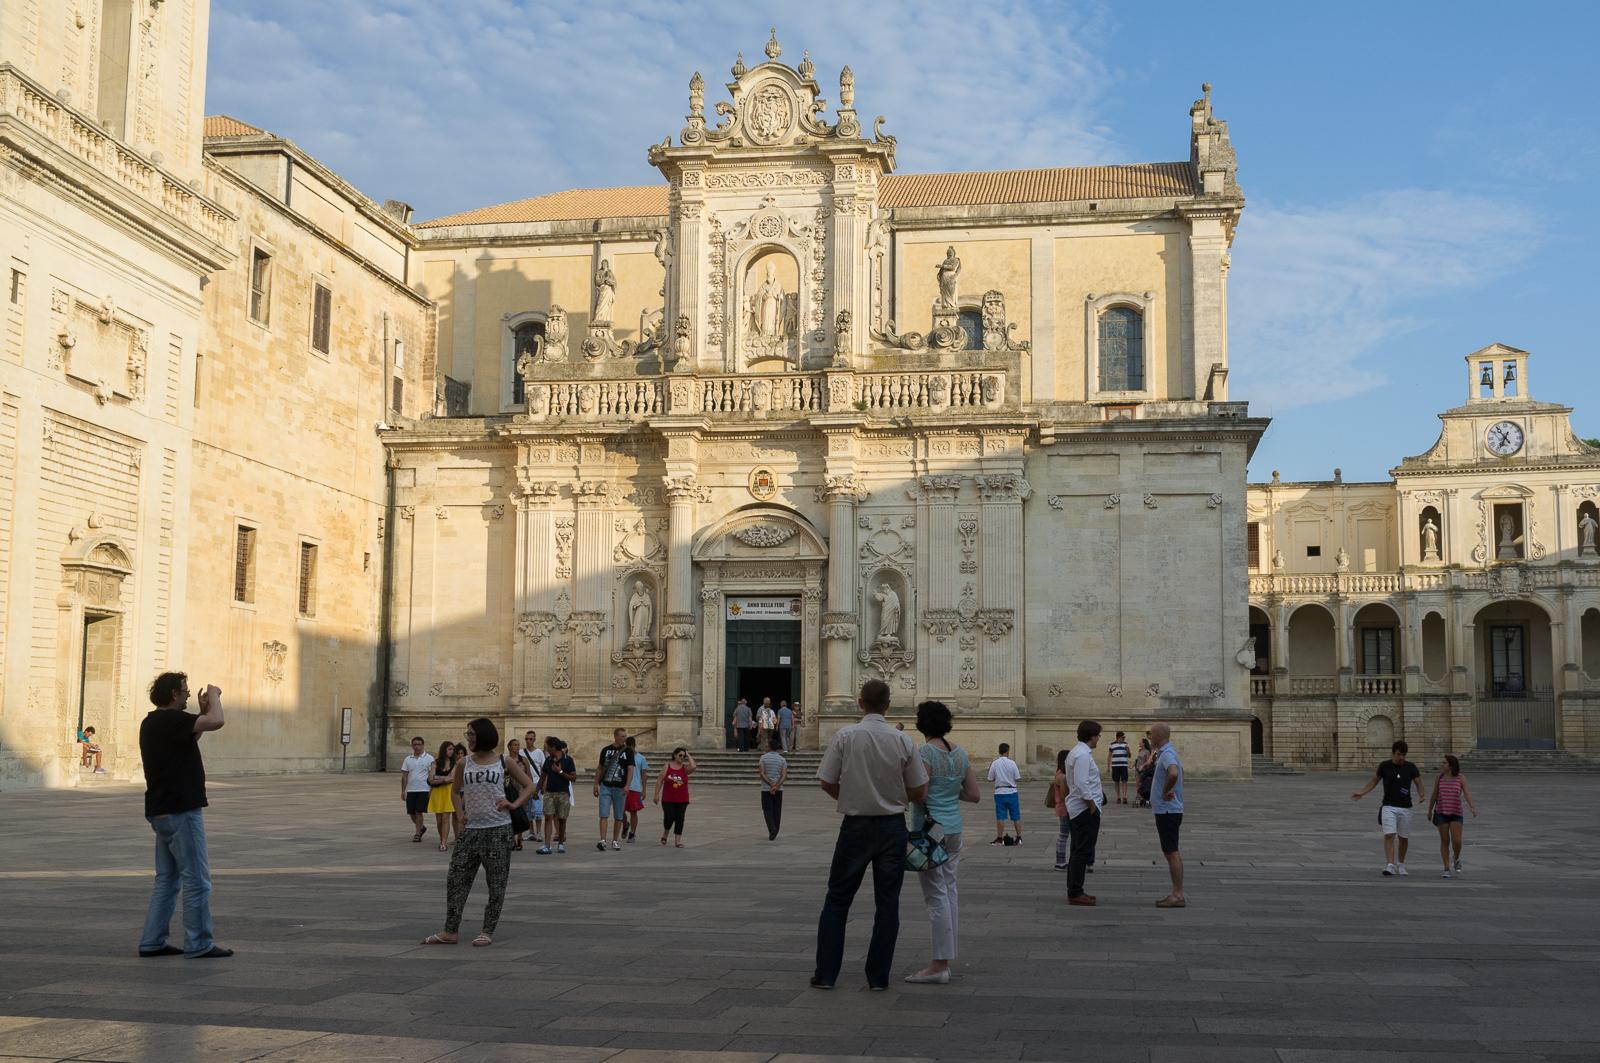 Lecce Cathedral (Piazza del Duomo)